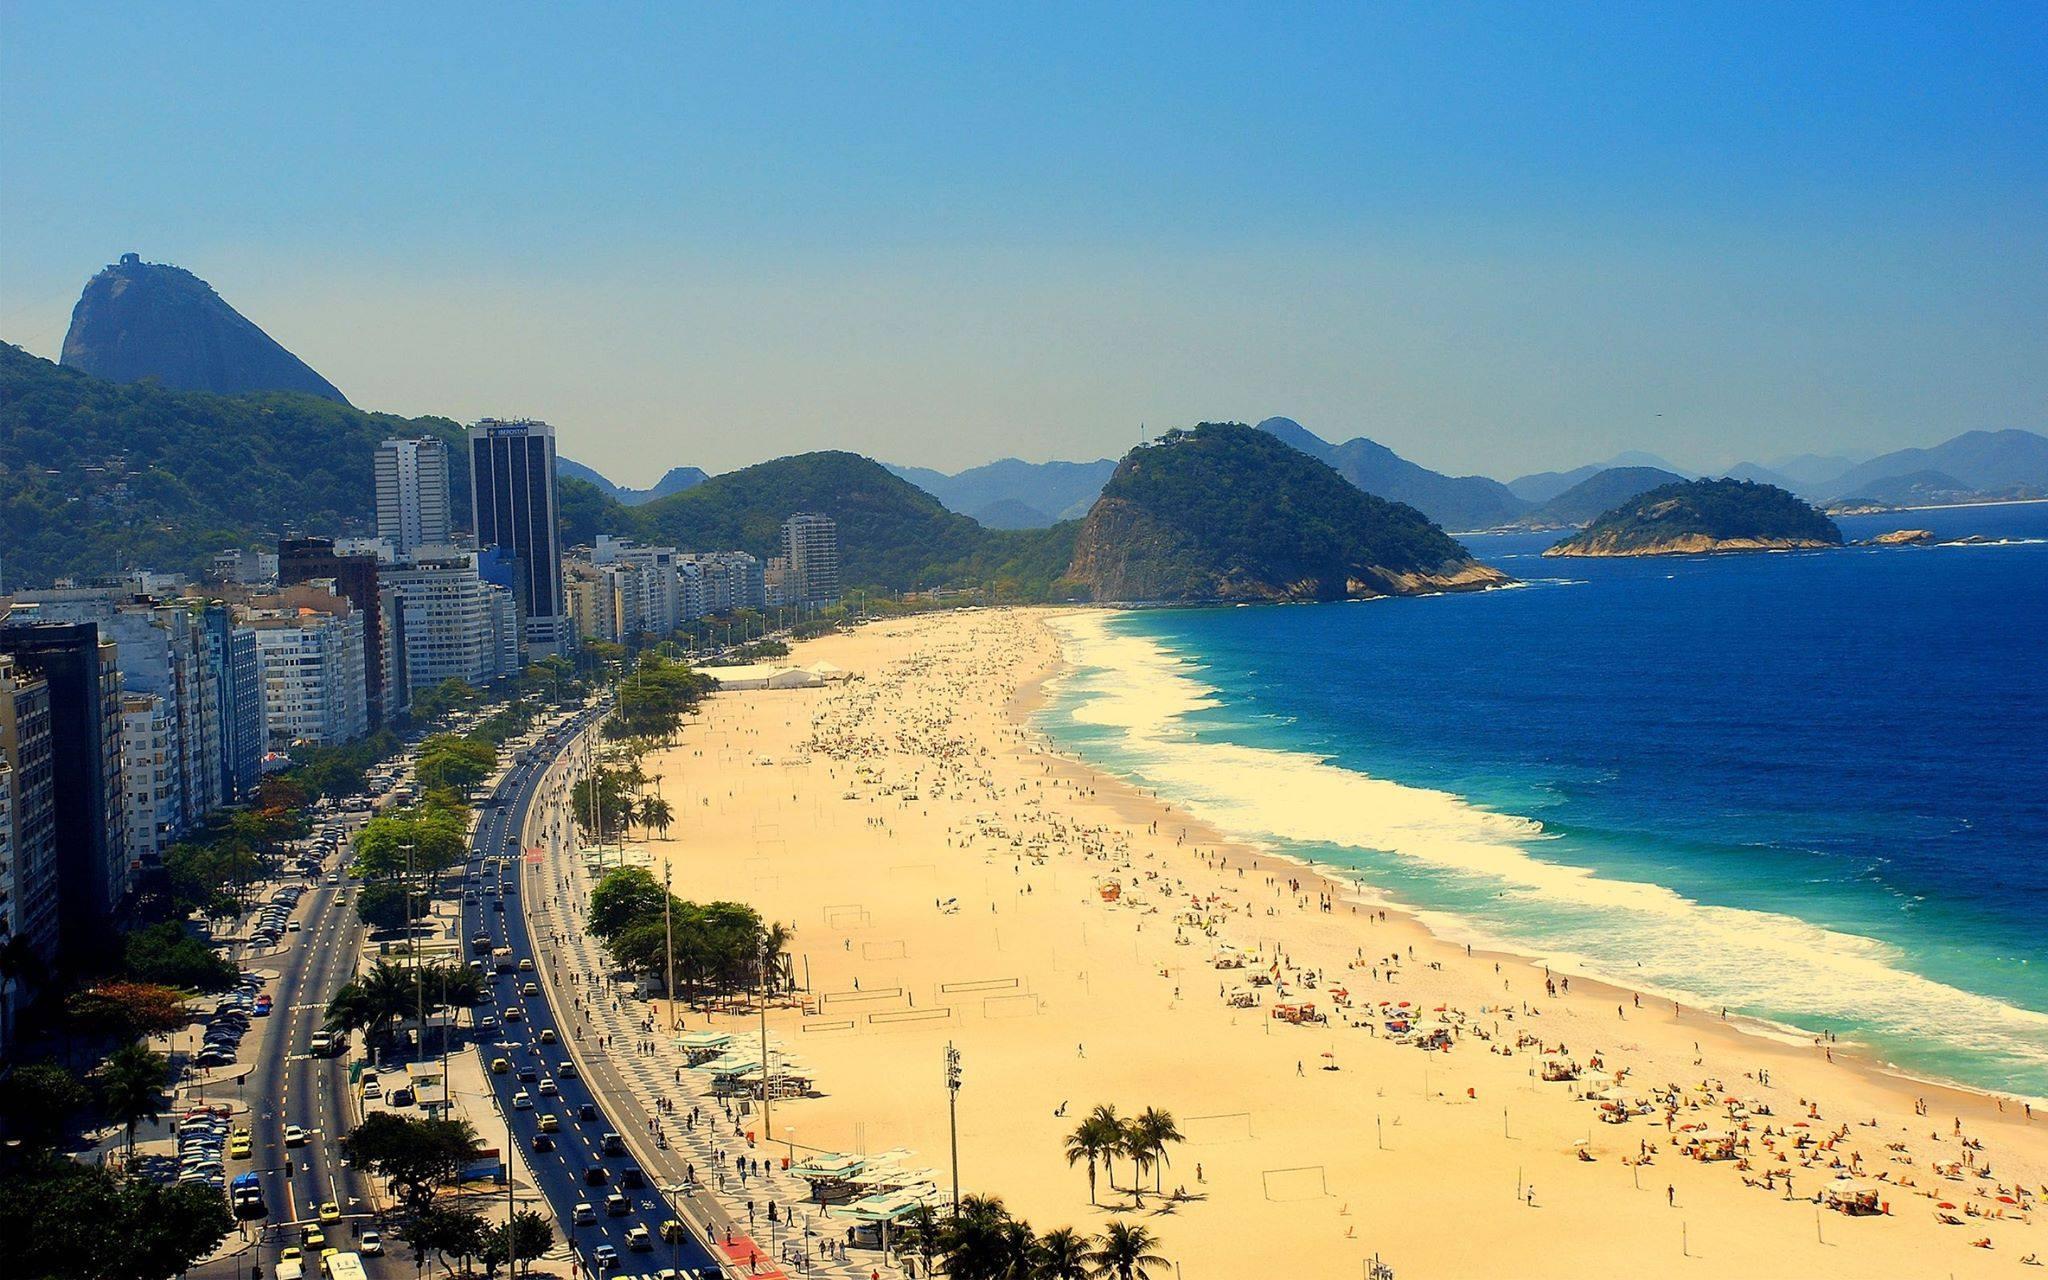 пляжи рио де жанейро фото таких